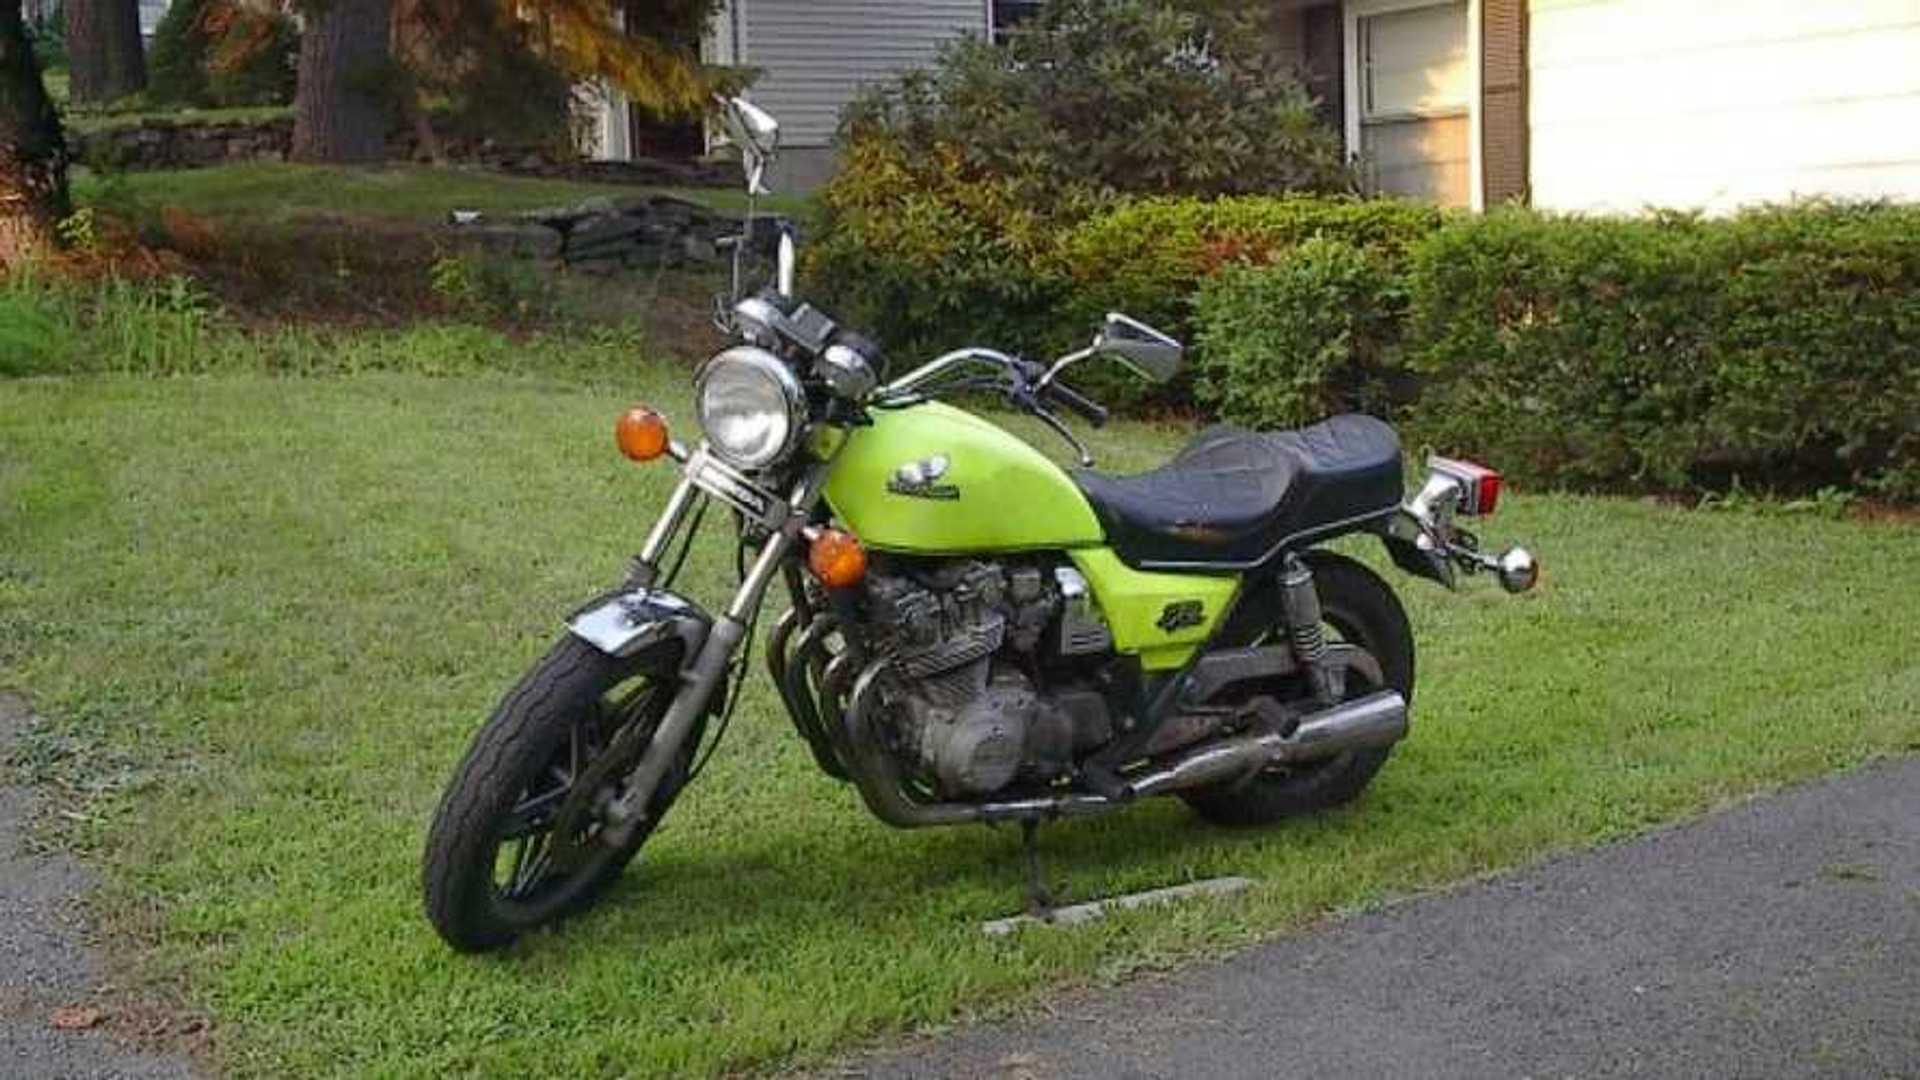 Honda cb750 website